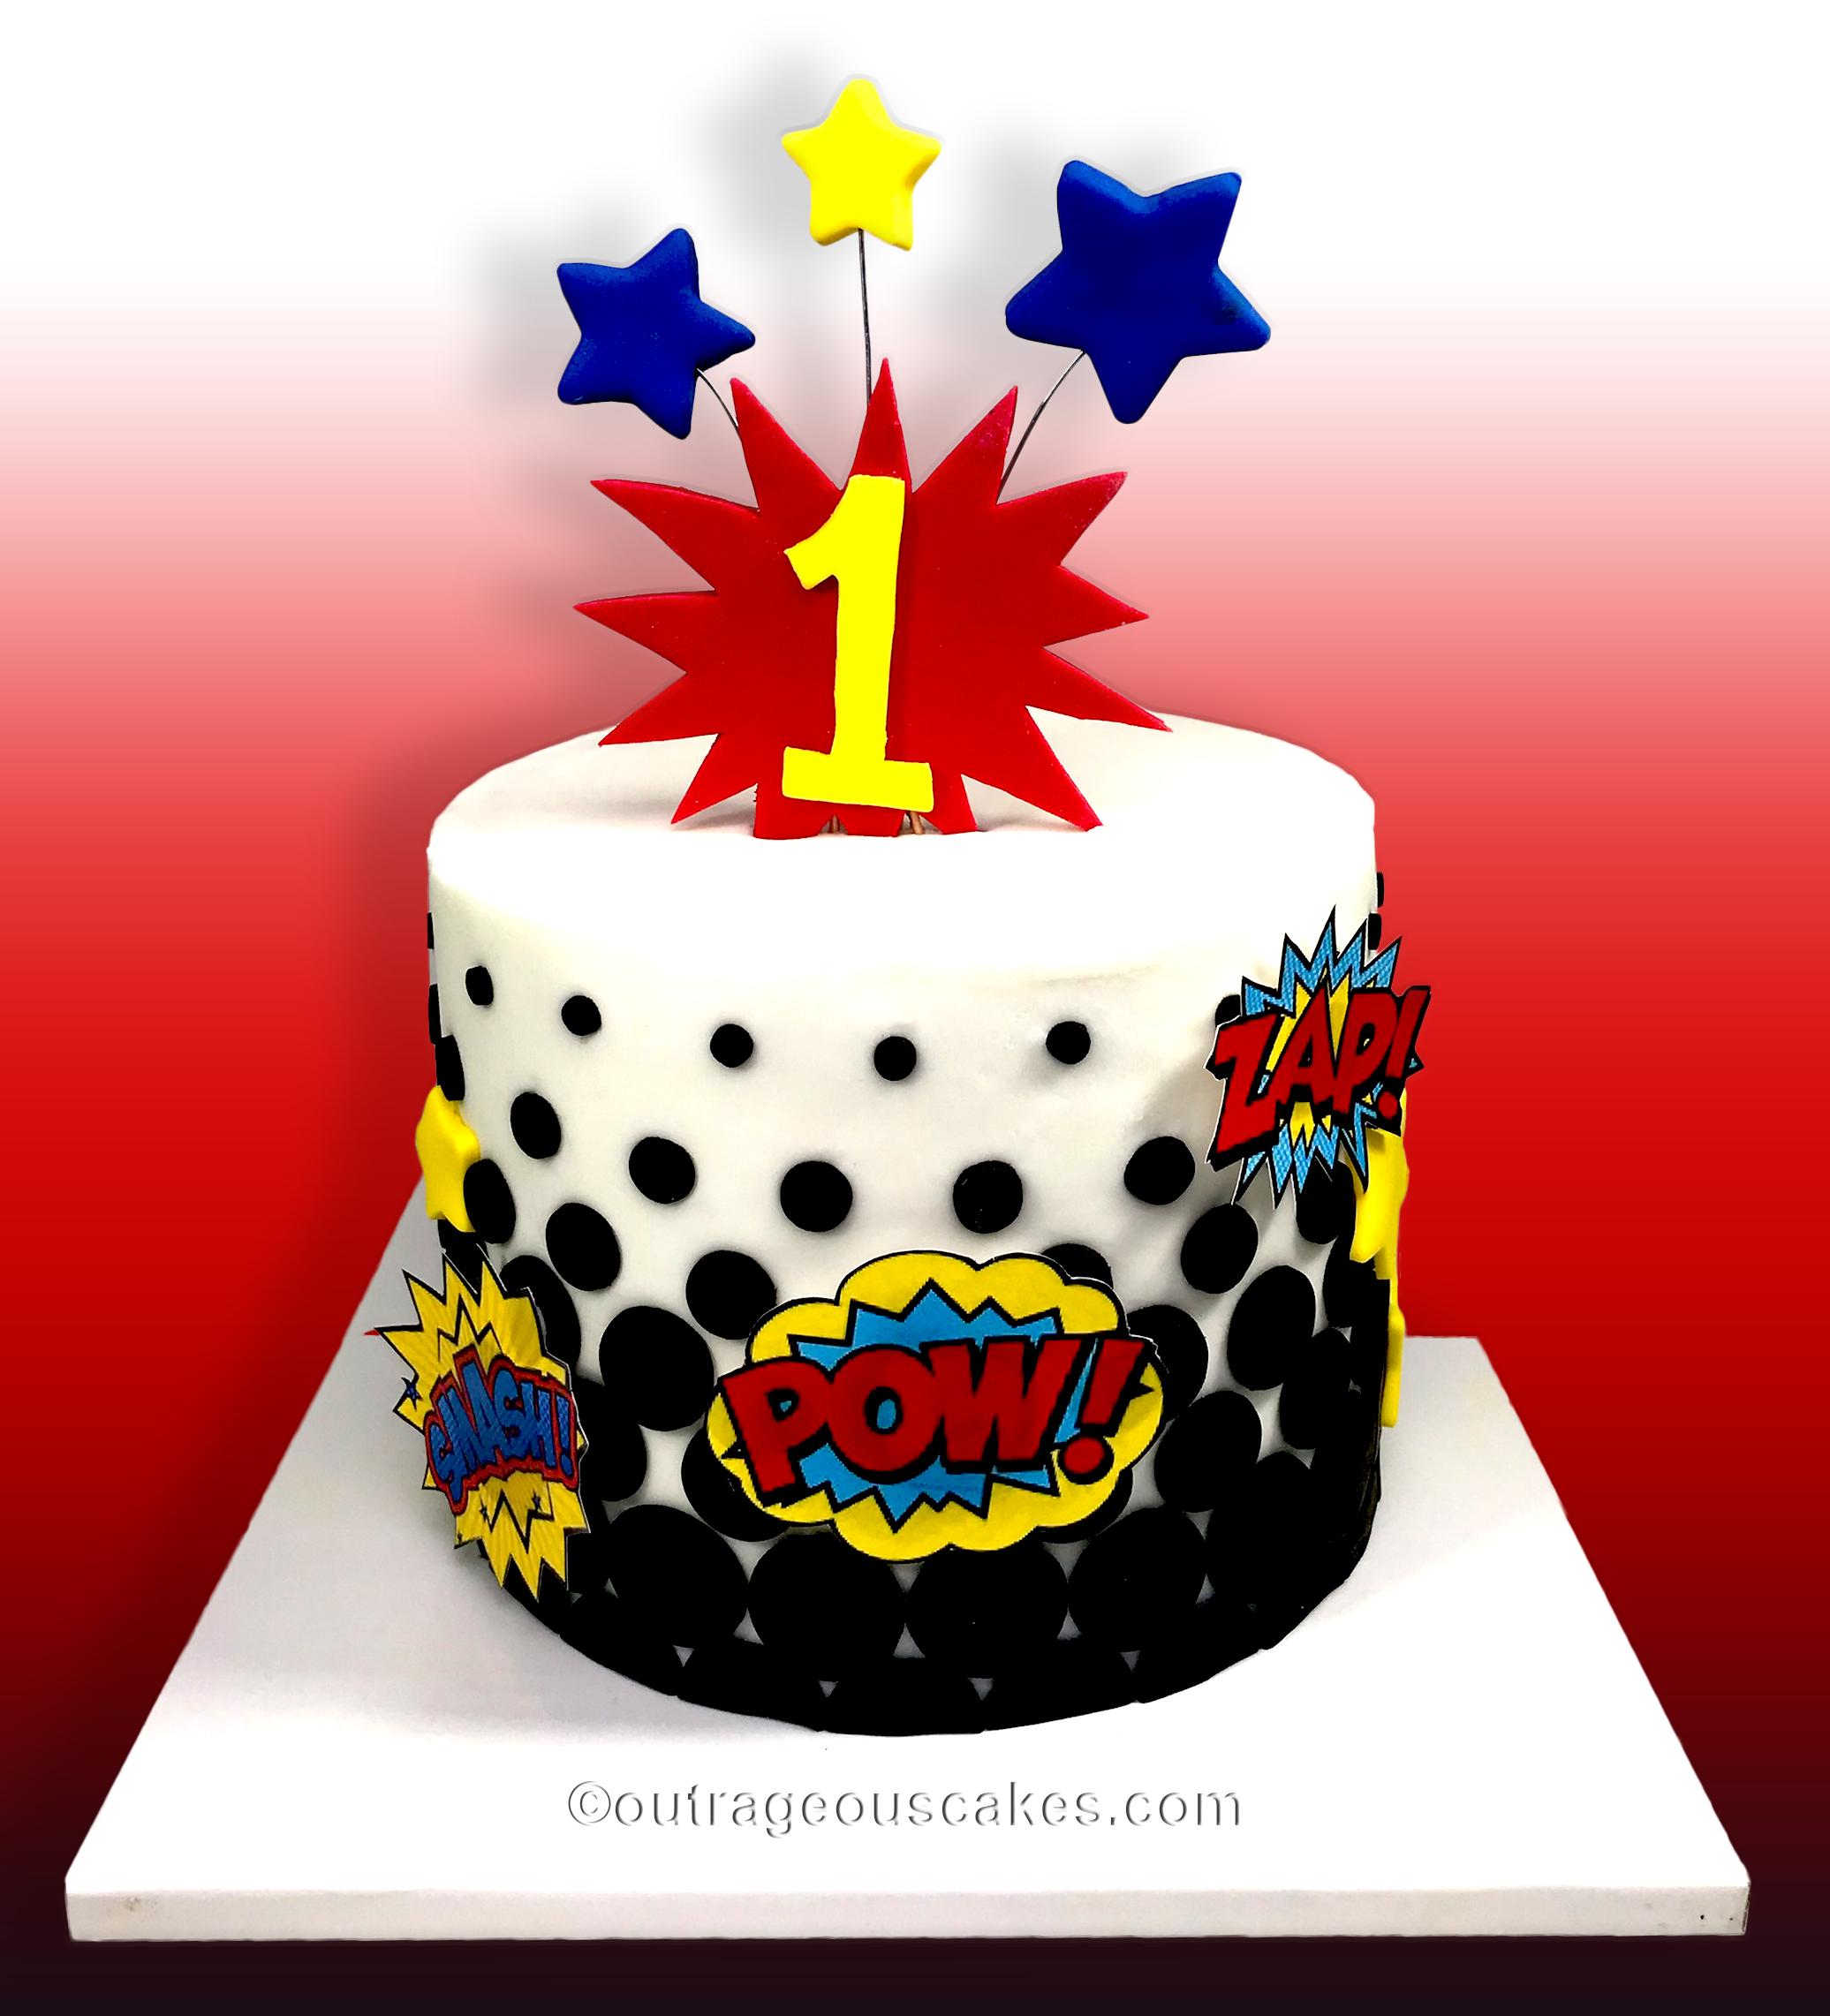 Single Tiered Superhero Cake